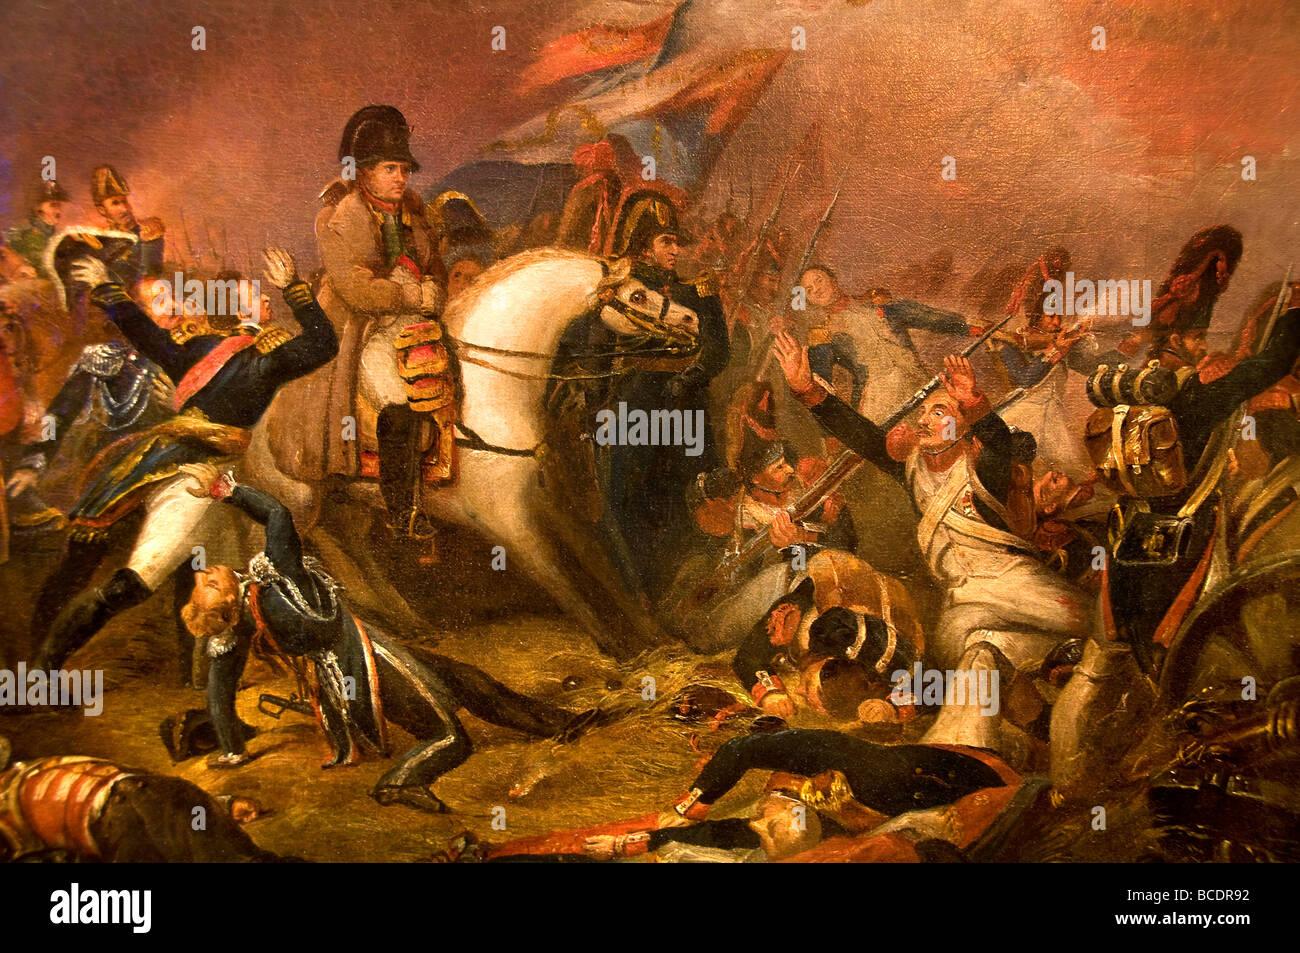 Battle of Waterloo - BeerTourism.com